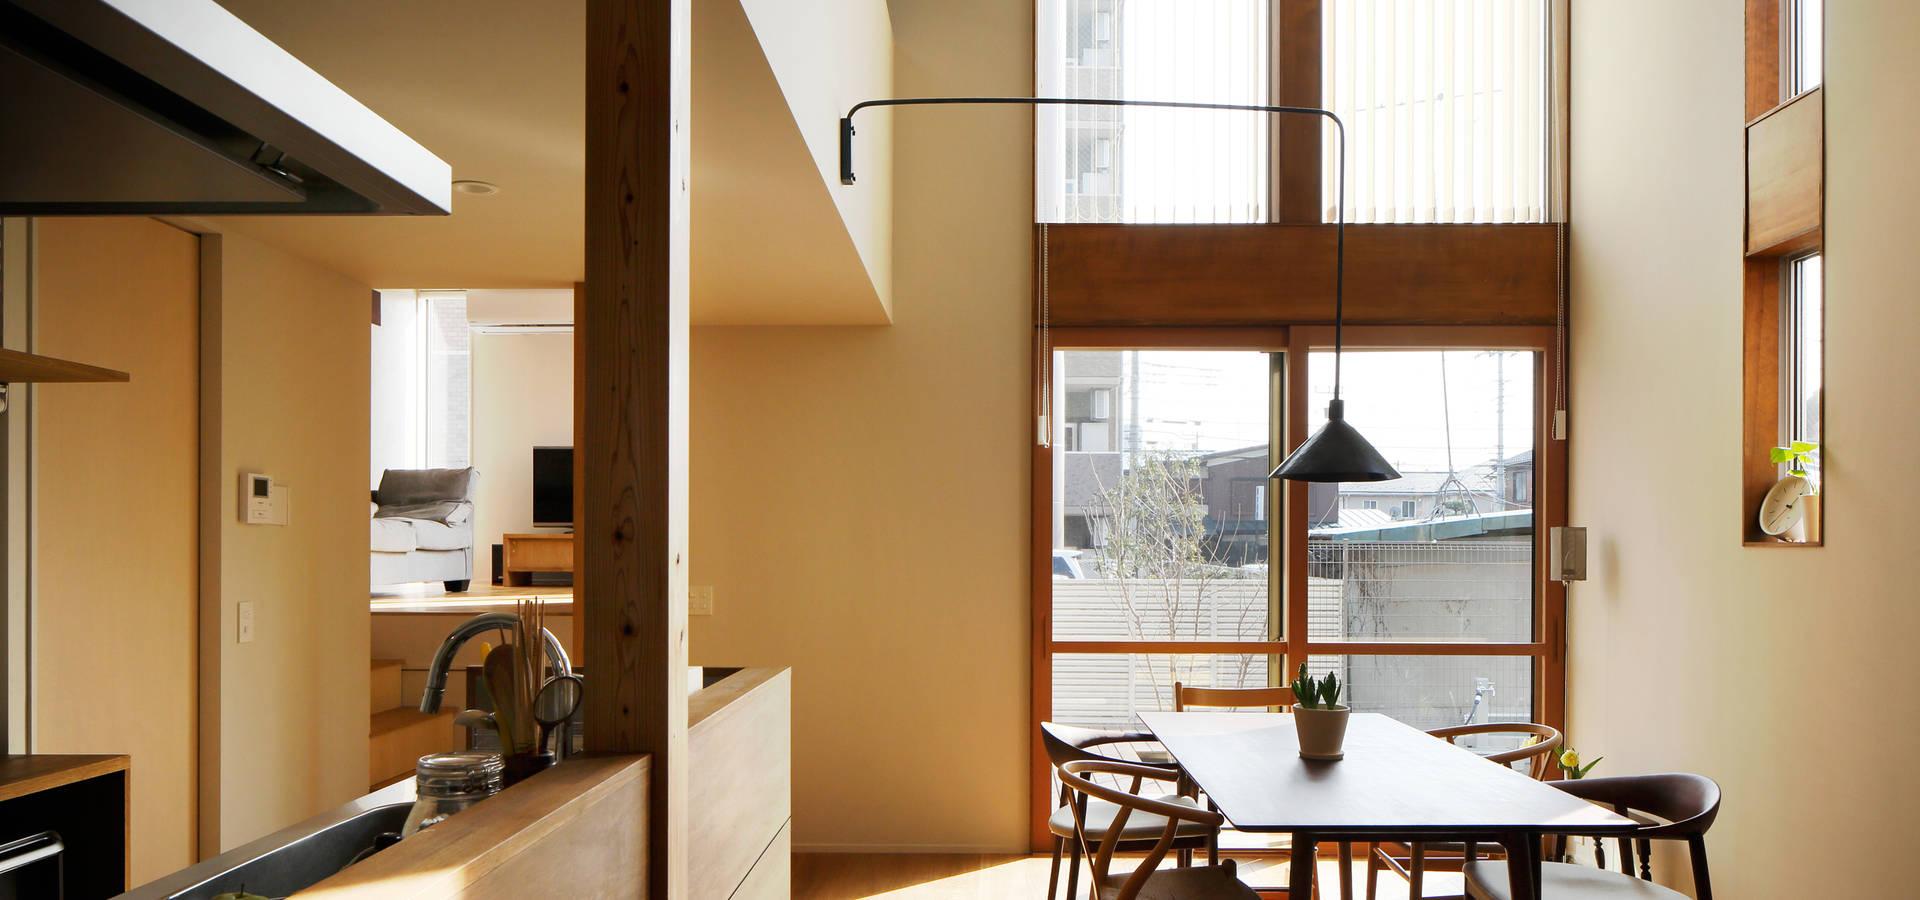 アトリエKUKKA一級建築士事務所/ atelier KUKKA  architects